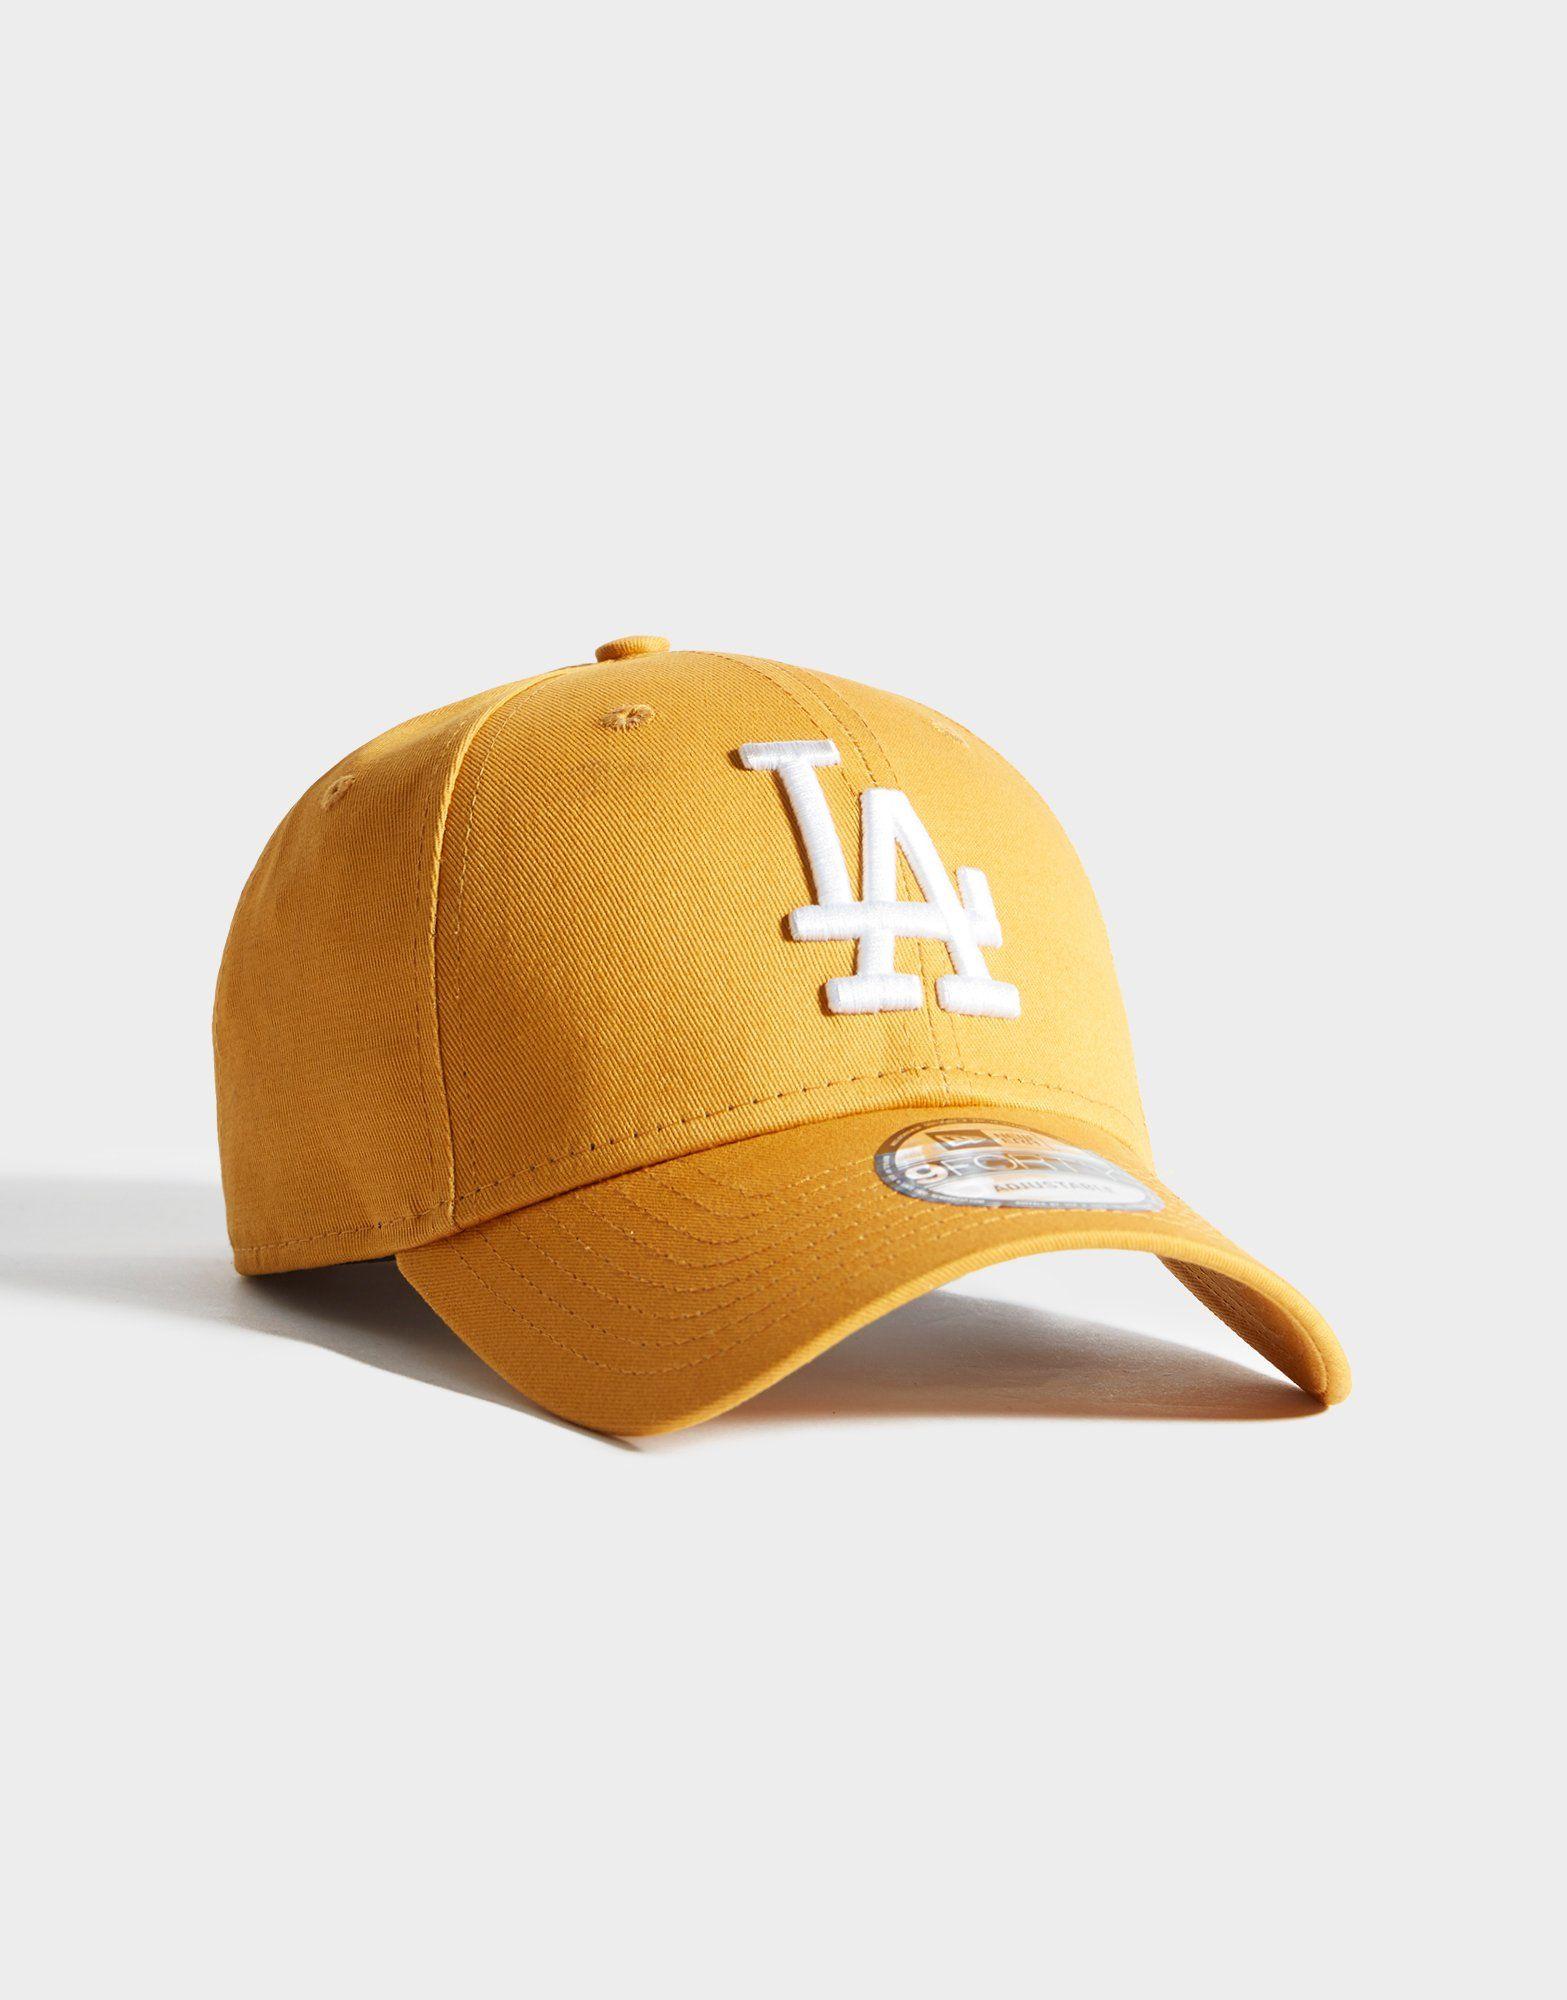 New Era MLB LA Dodgers 9FORTY Cap